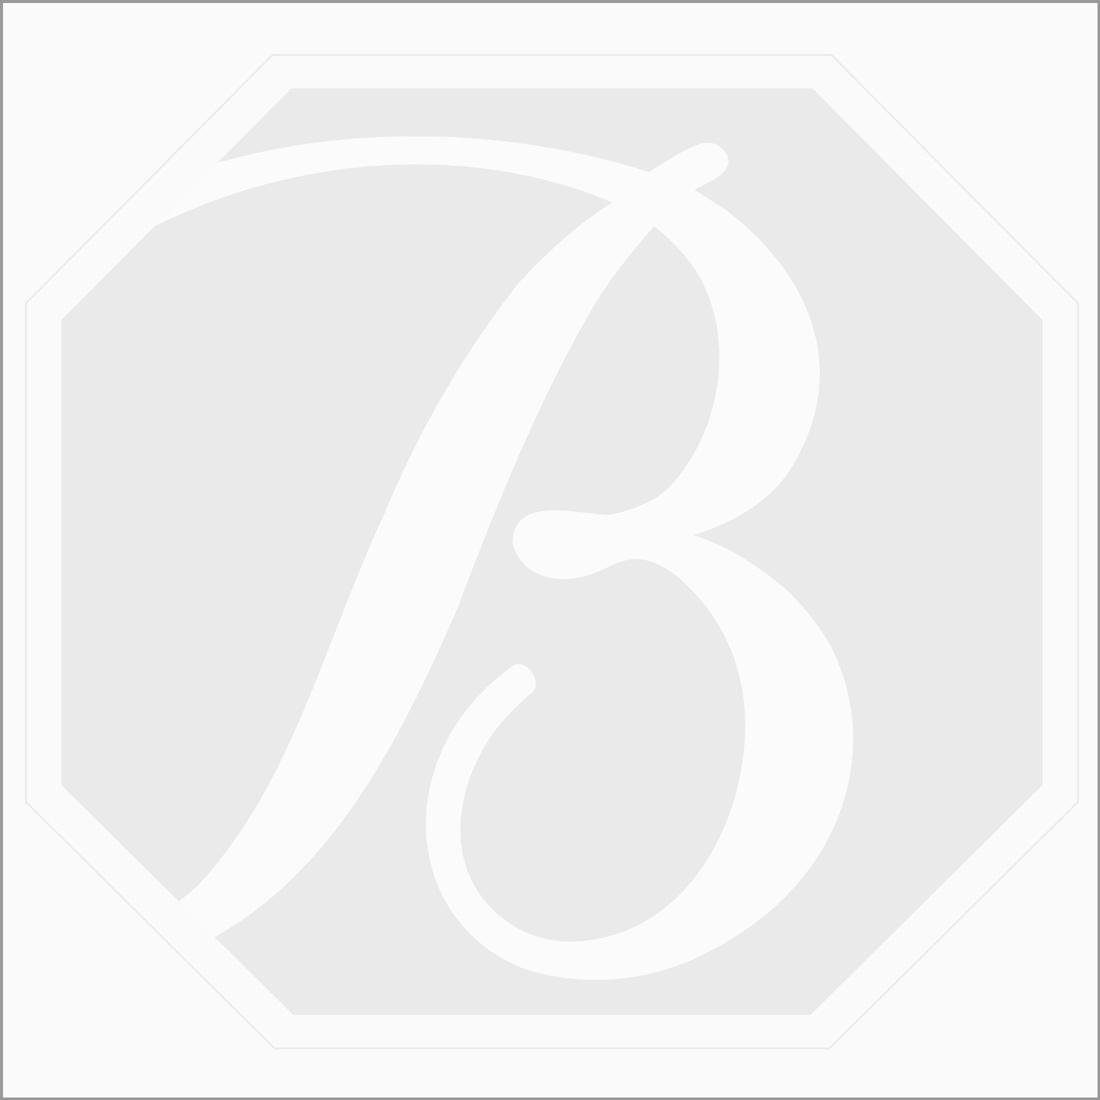 2 pcs - Bi-Color Tourmaline Rose Cuts - 17.38 ct. - 16.7 x 12 x 3.6 mm & 17 x 13.2 x 3.9 mm (TRC1045)